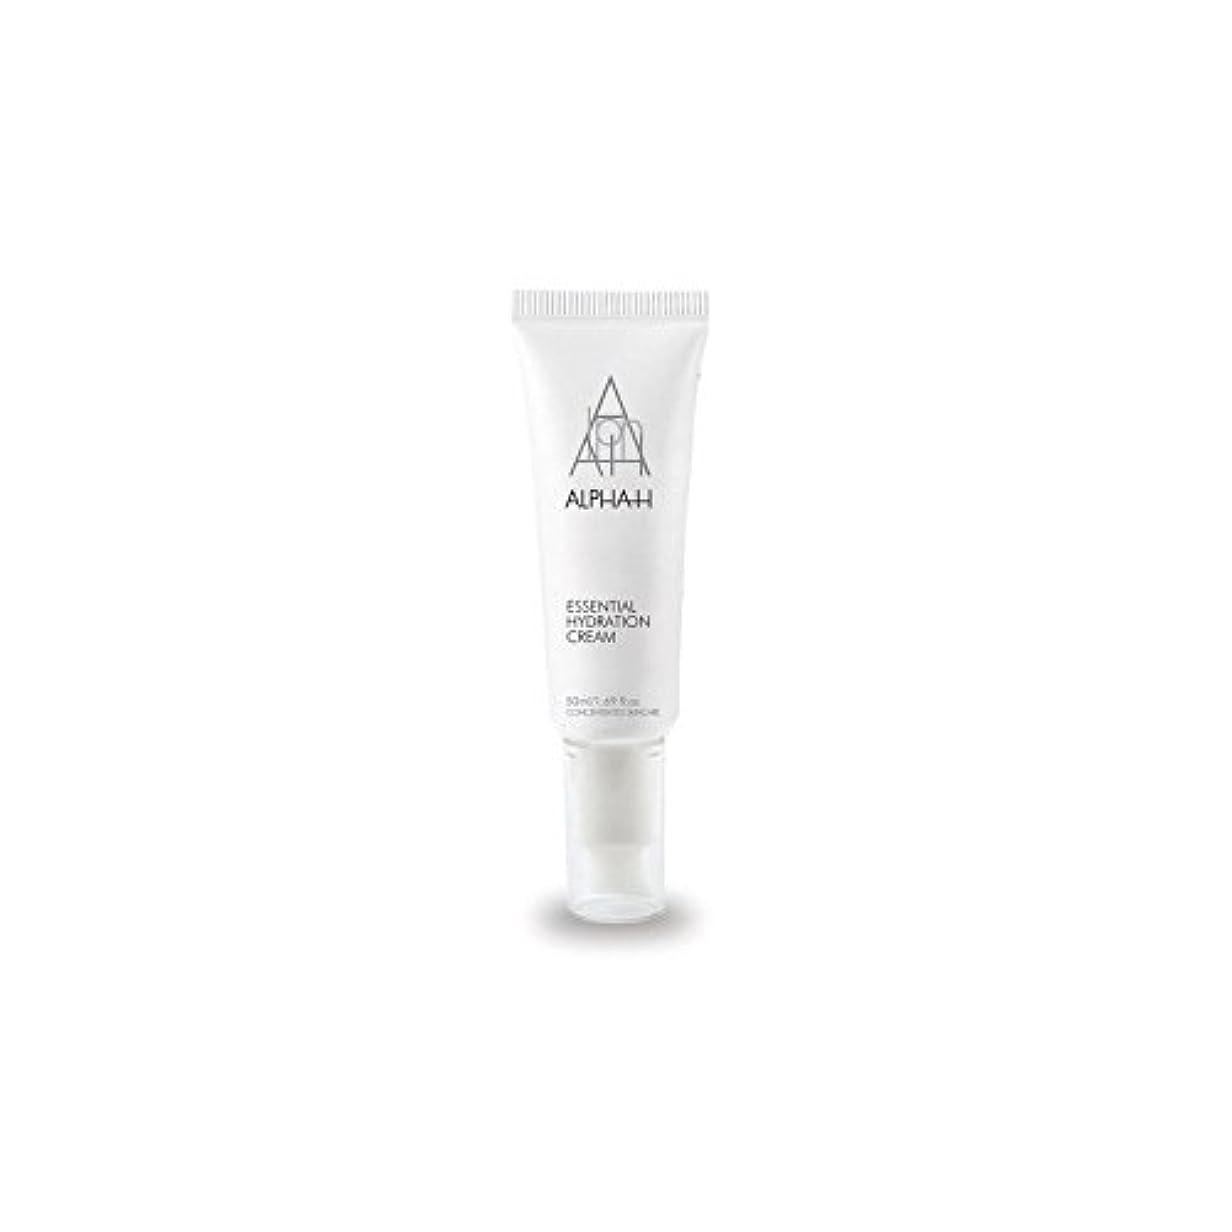 微視的剥離要旨アルファ必須水和クリーム(50)中 x4 - Alpha-H Essential Hydration Cream (50ml) (Pack of 4) [並行輸入品]